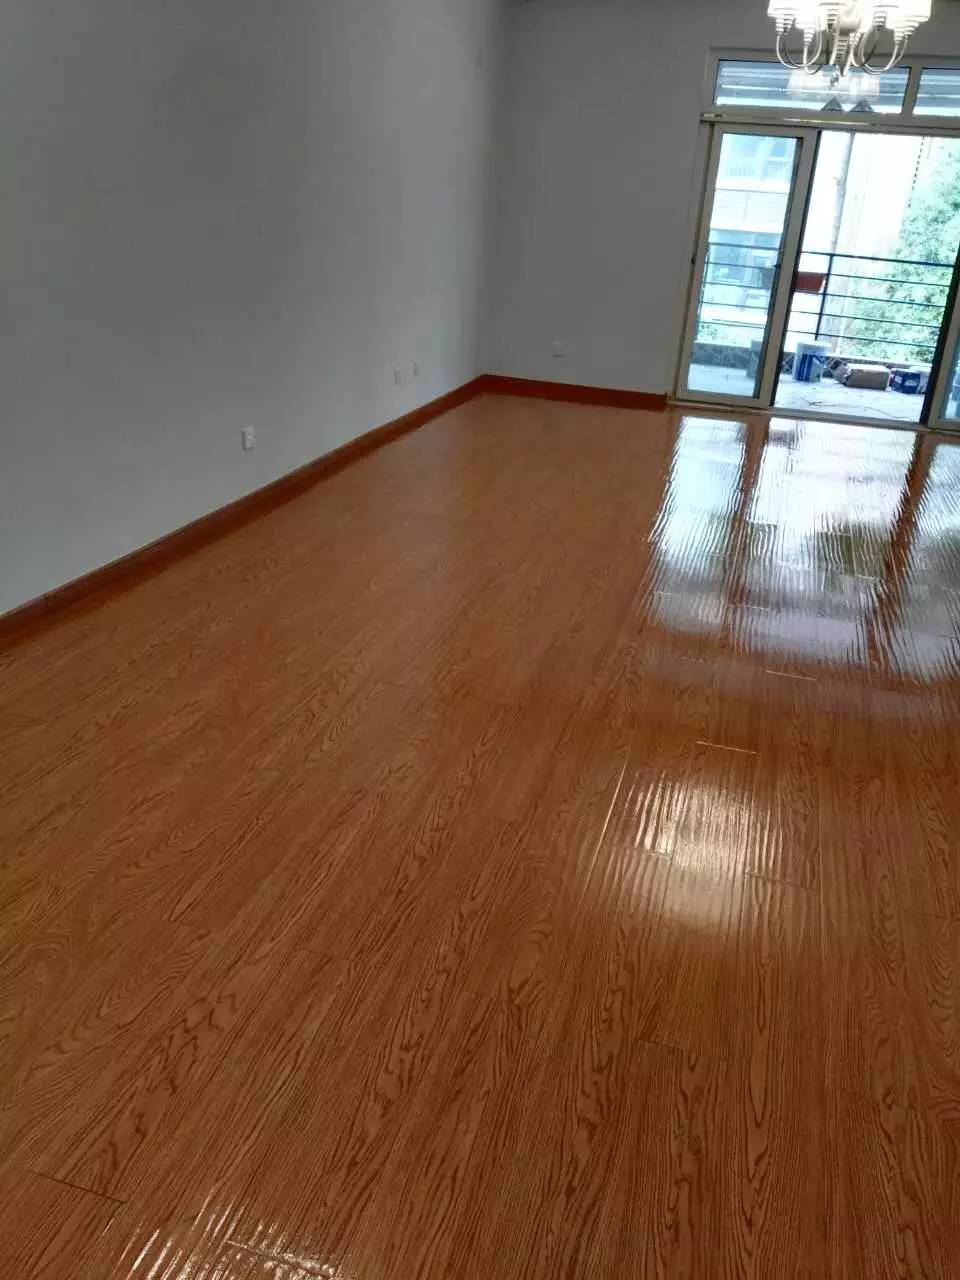 成都华阳地毯清洗公司地板清洗公司